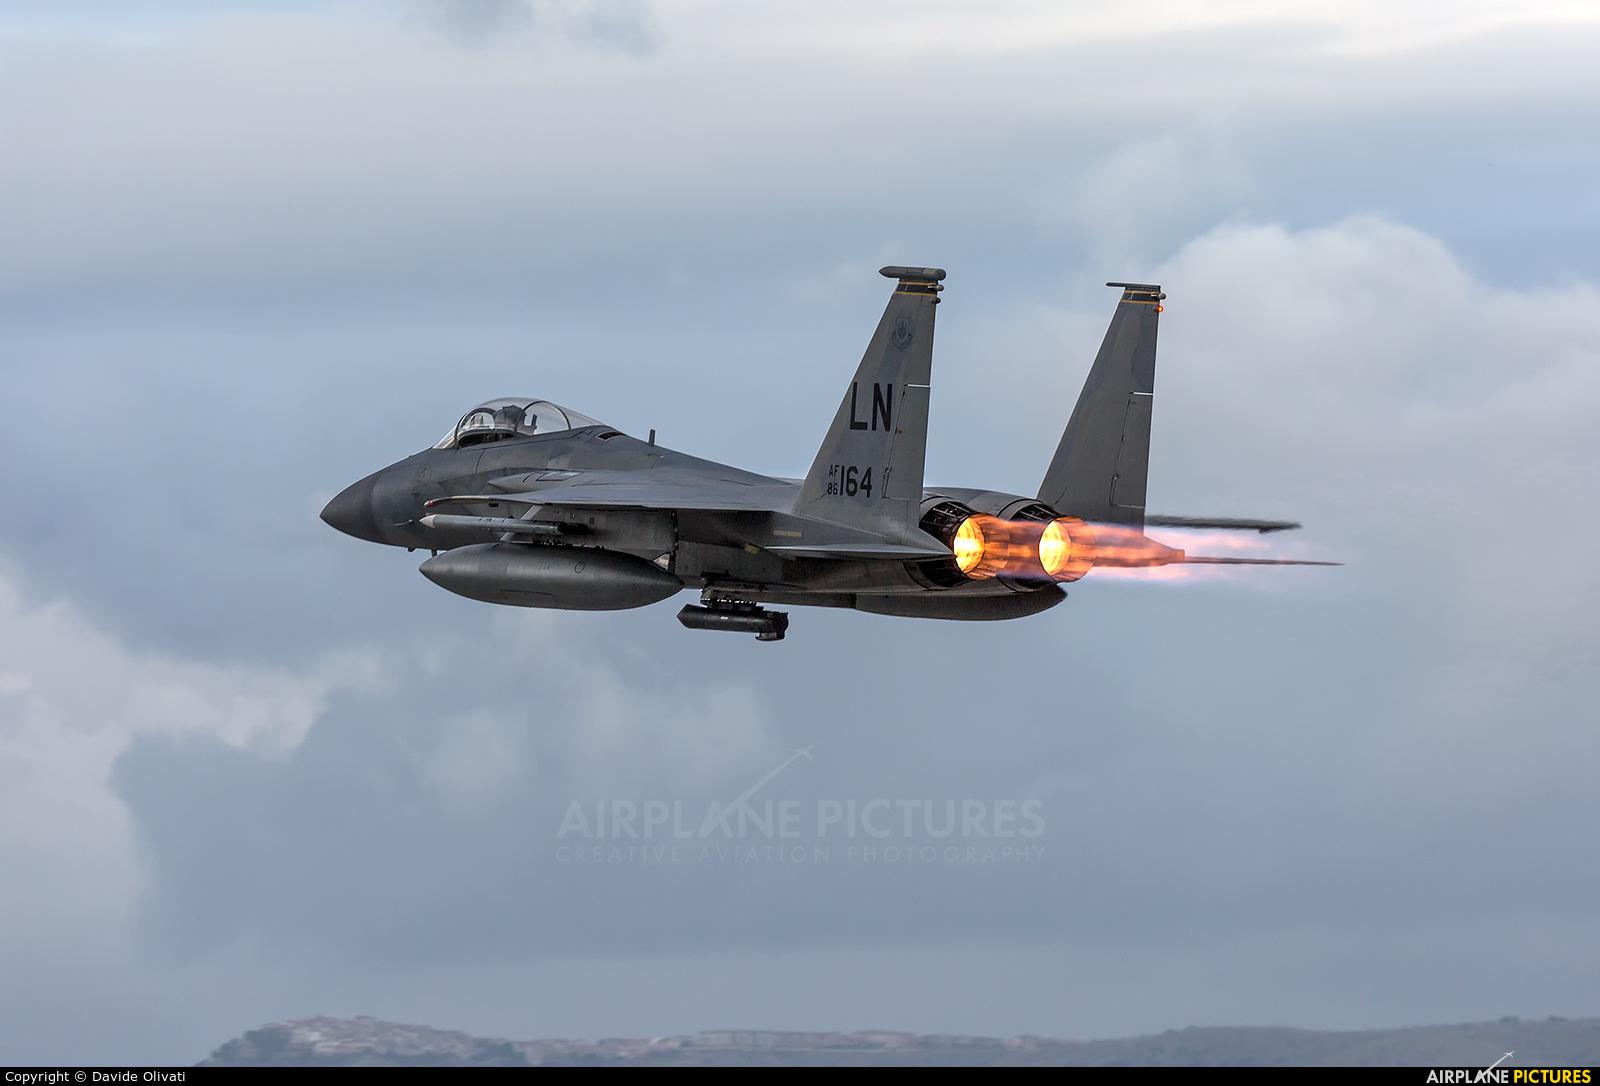 USA - Air Force 86-0164 aircraft at Amendola